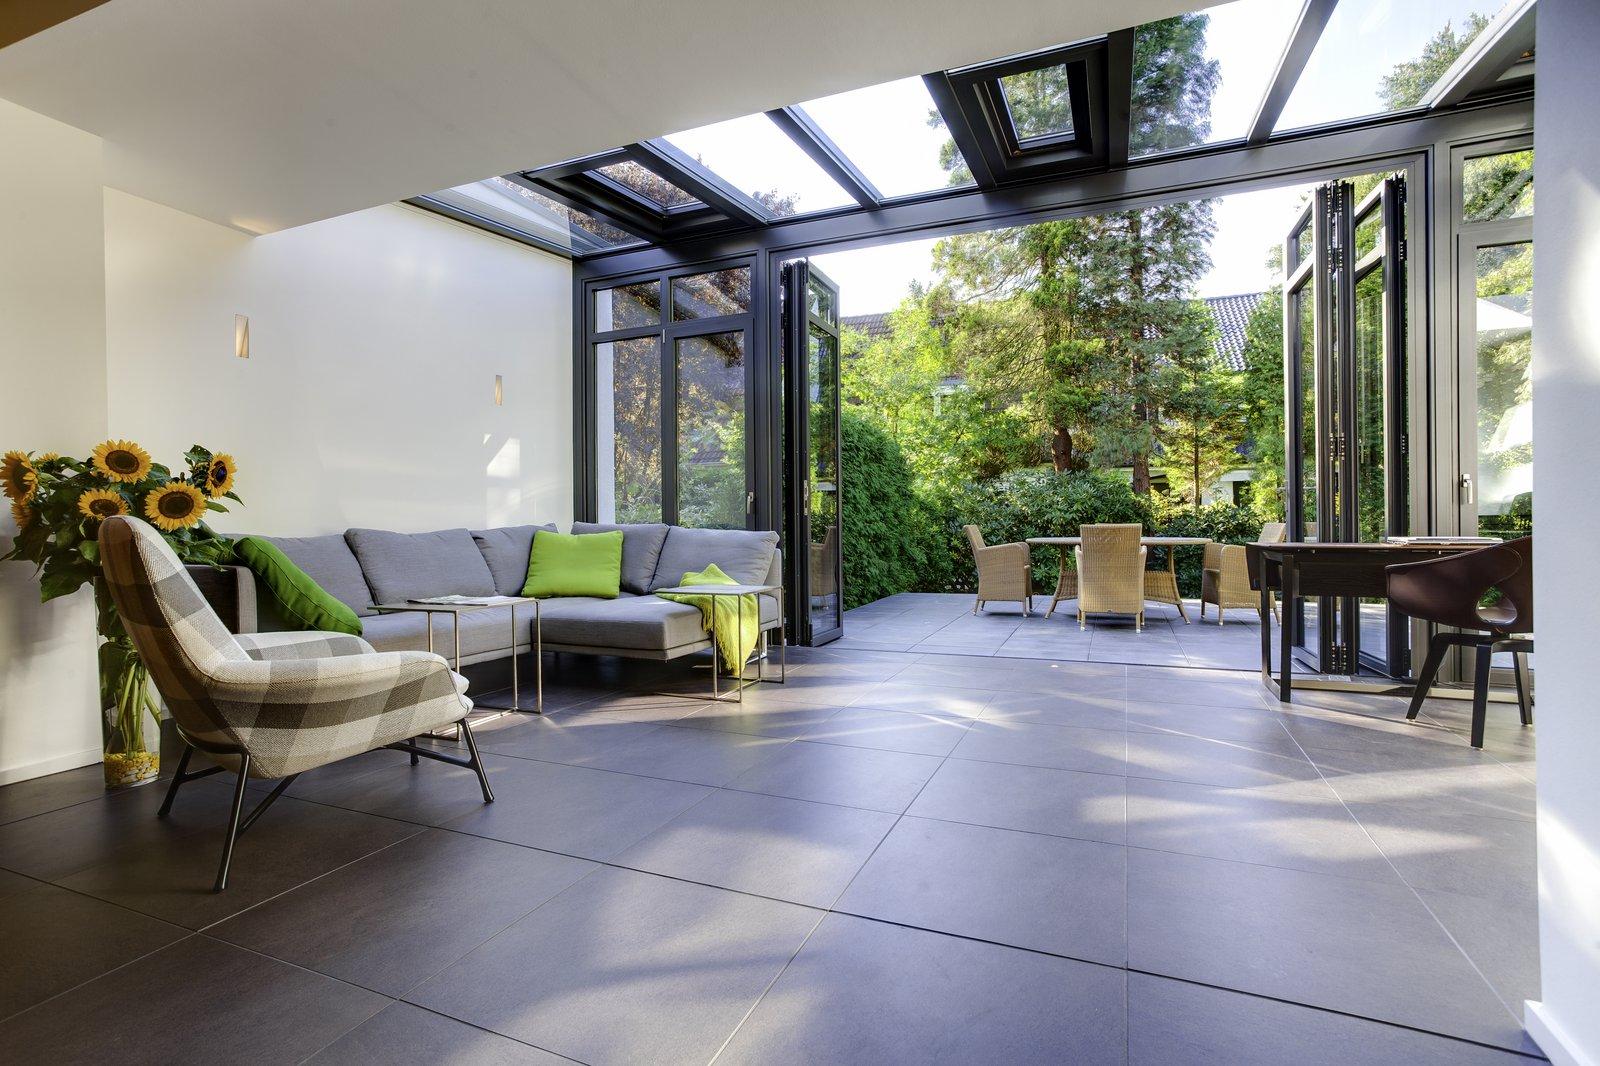 Fußboden Im Wintergarten ~ Wintergarten und modernisierug eines 60ger jahre hauses embert